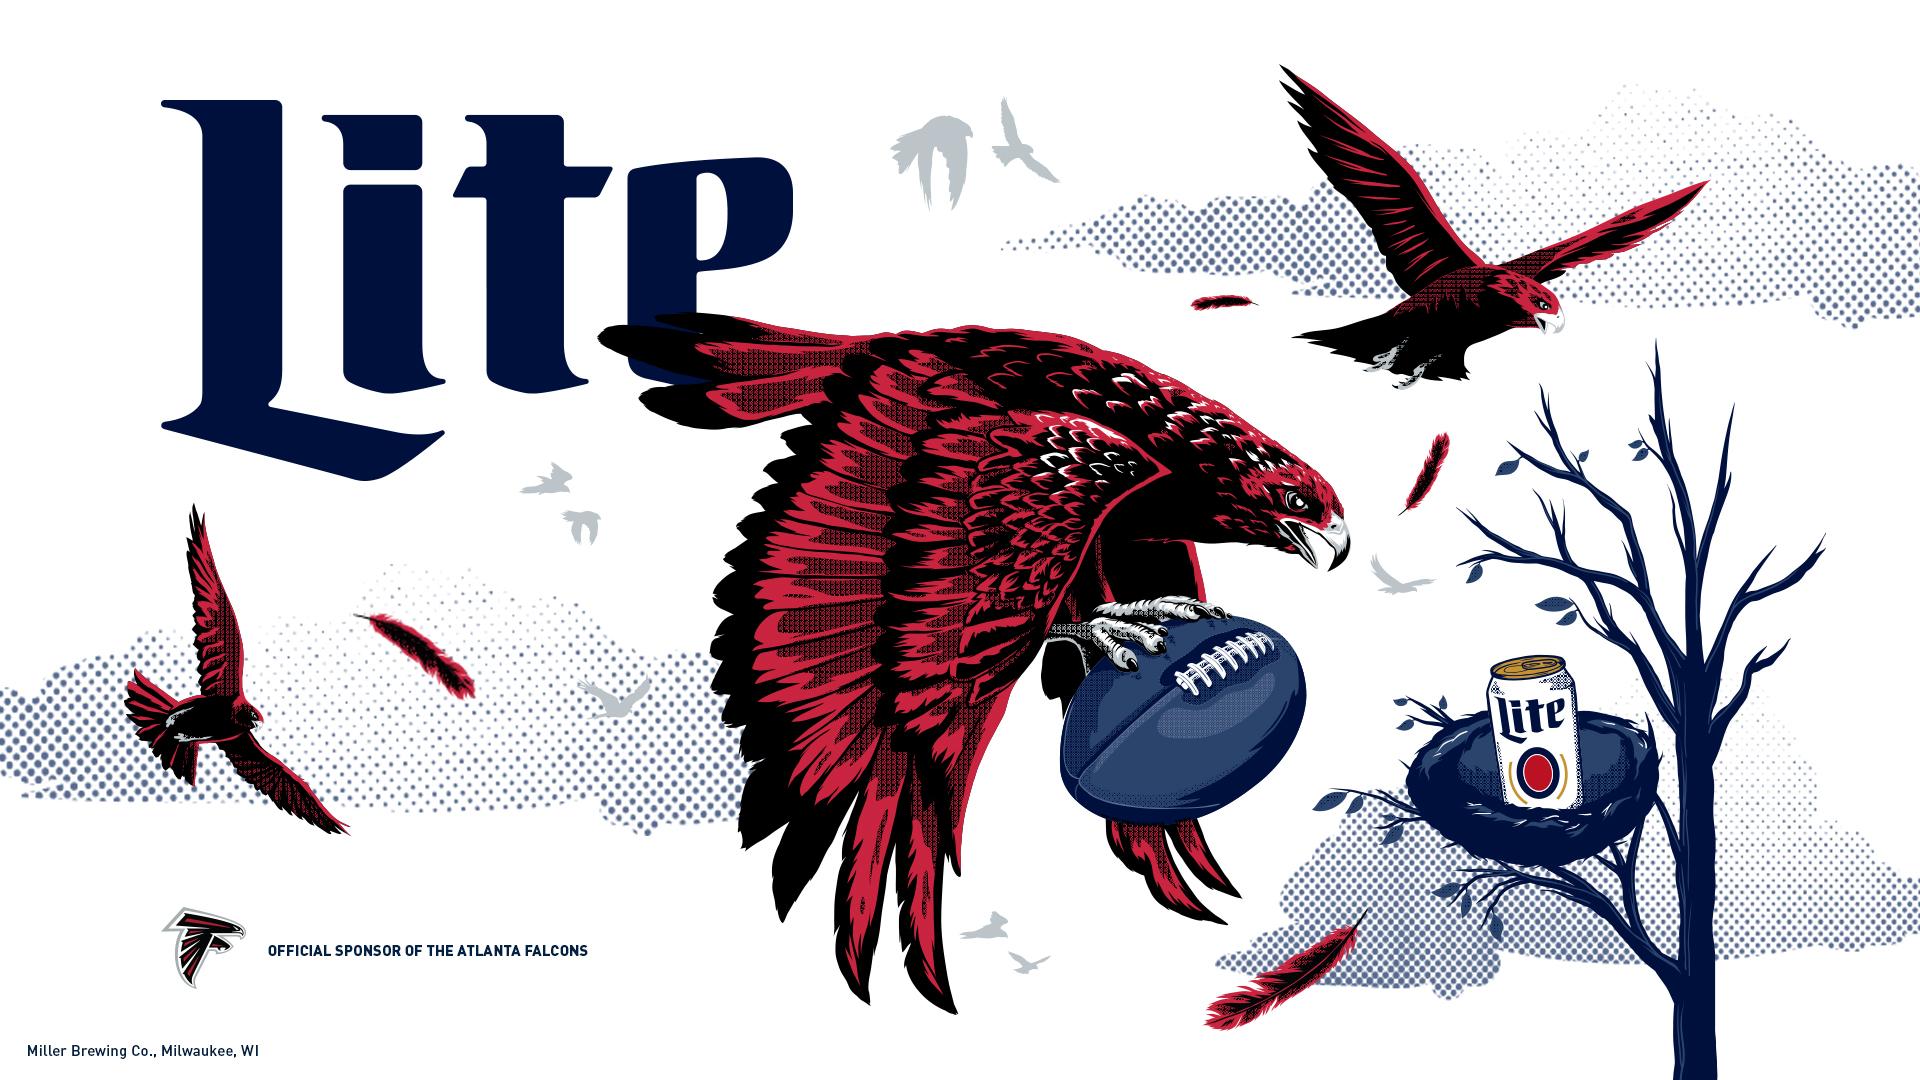 ... Atlanta Falcons wallpaper or poster. MOBILE DESKTOP PRINT*